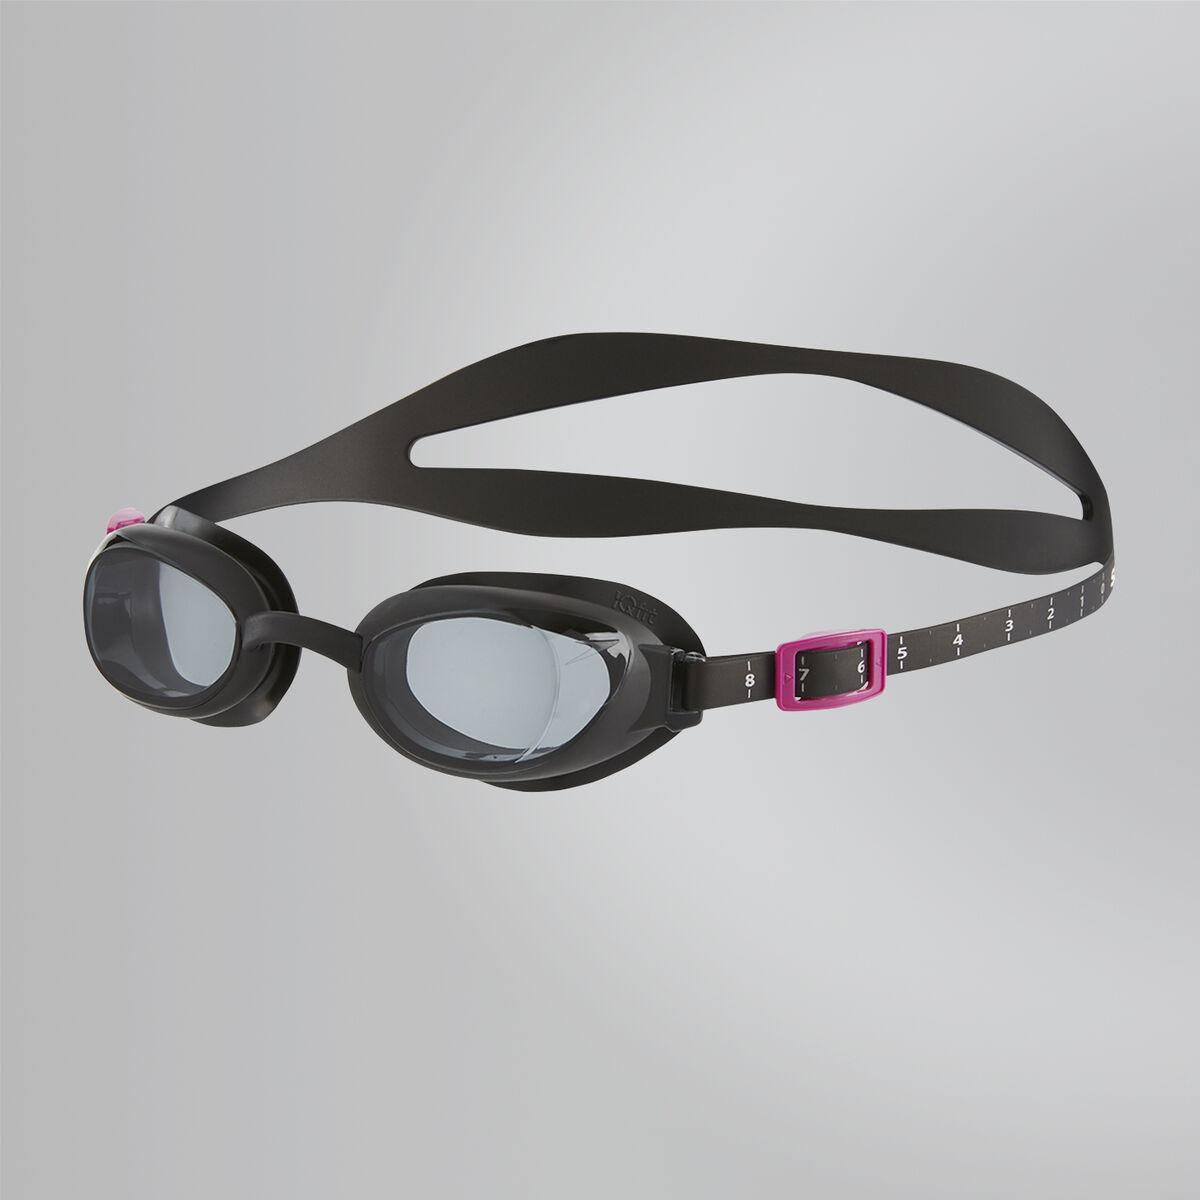 Women's Aquapure Prescription IQfit Goggle